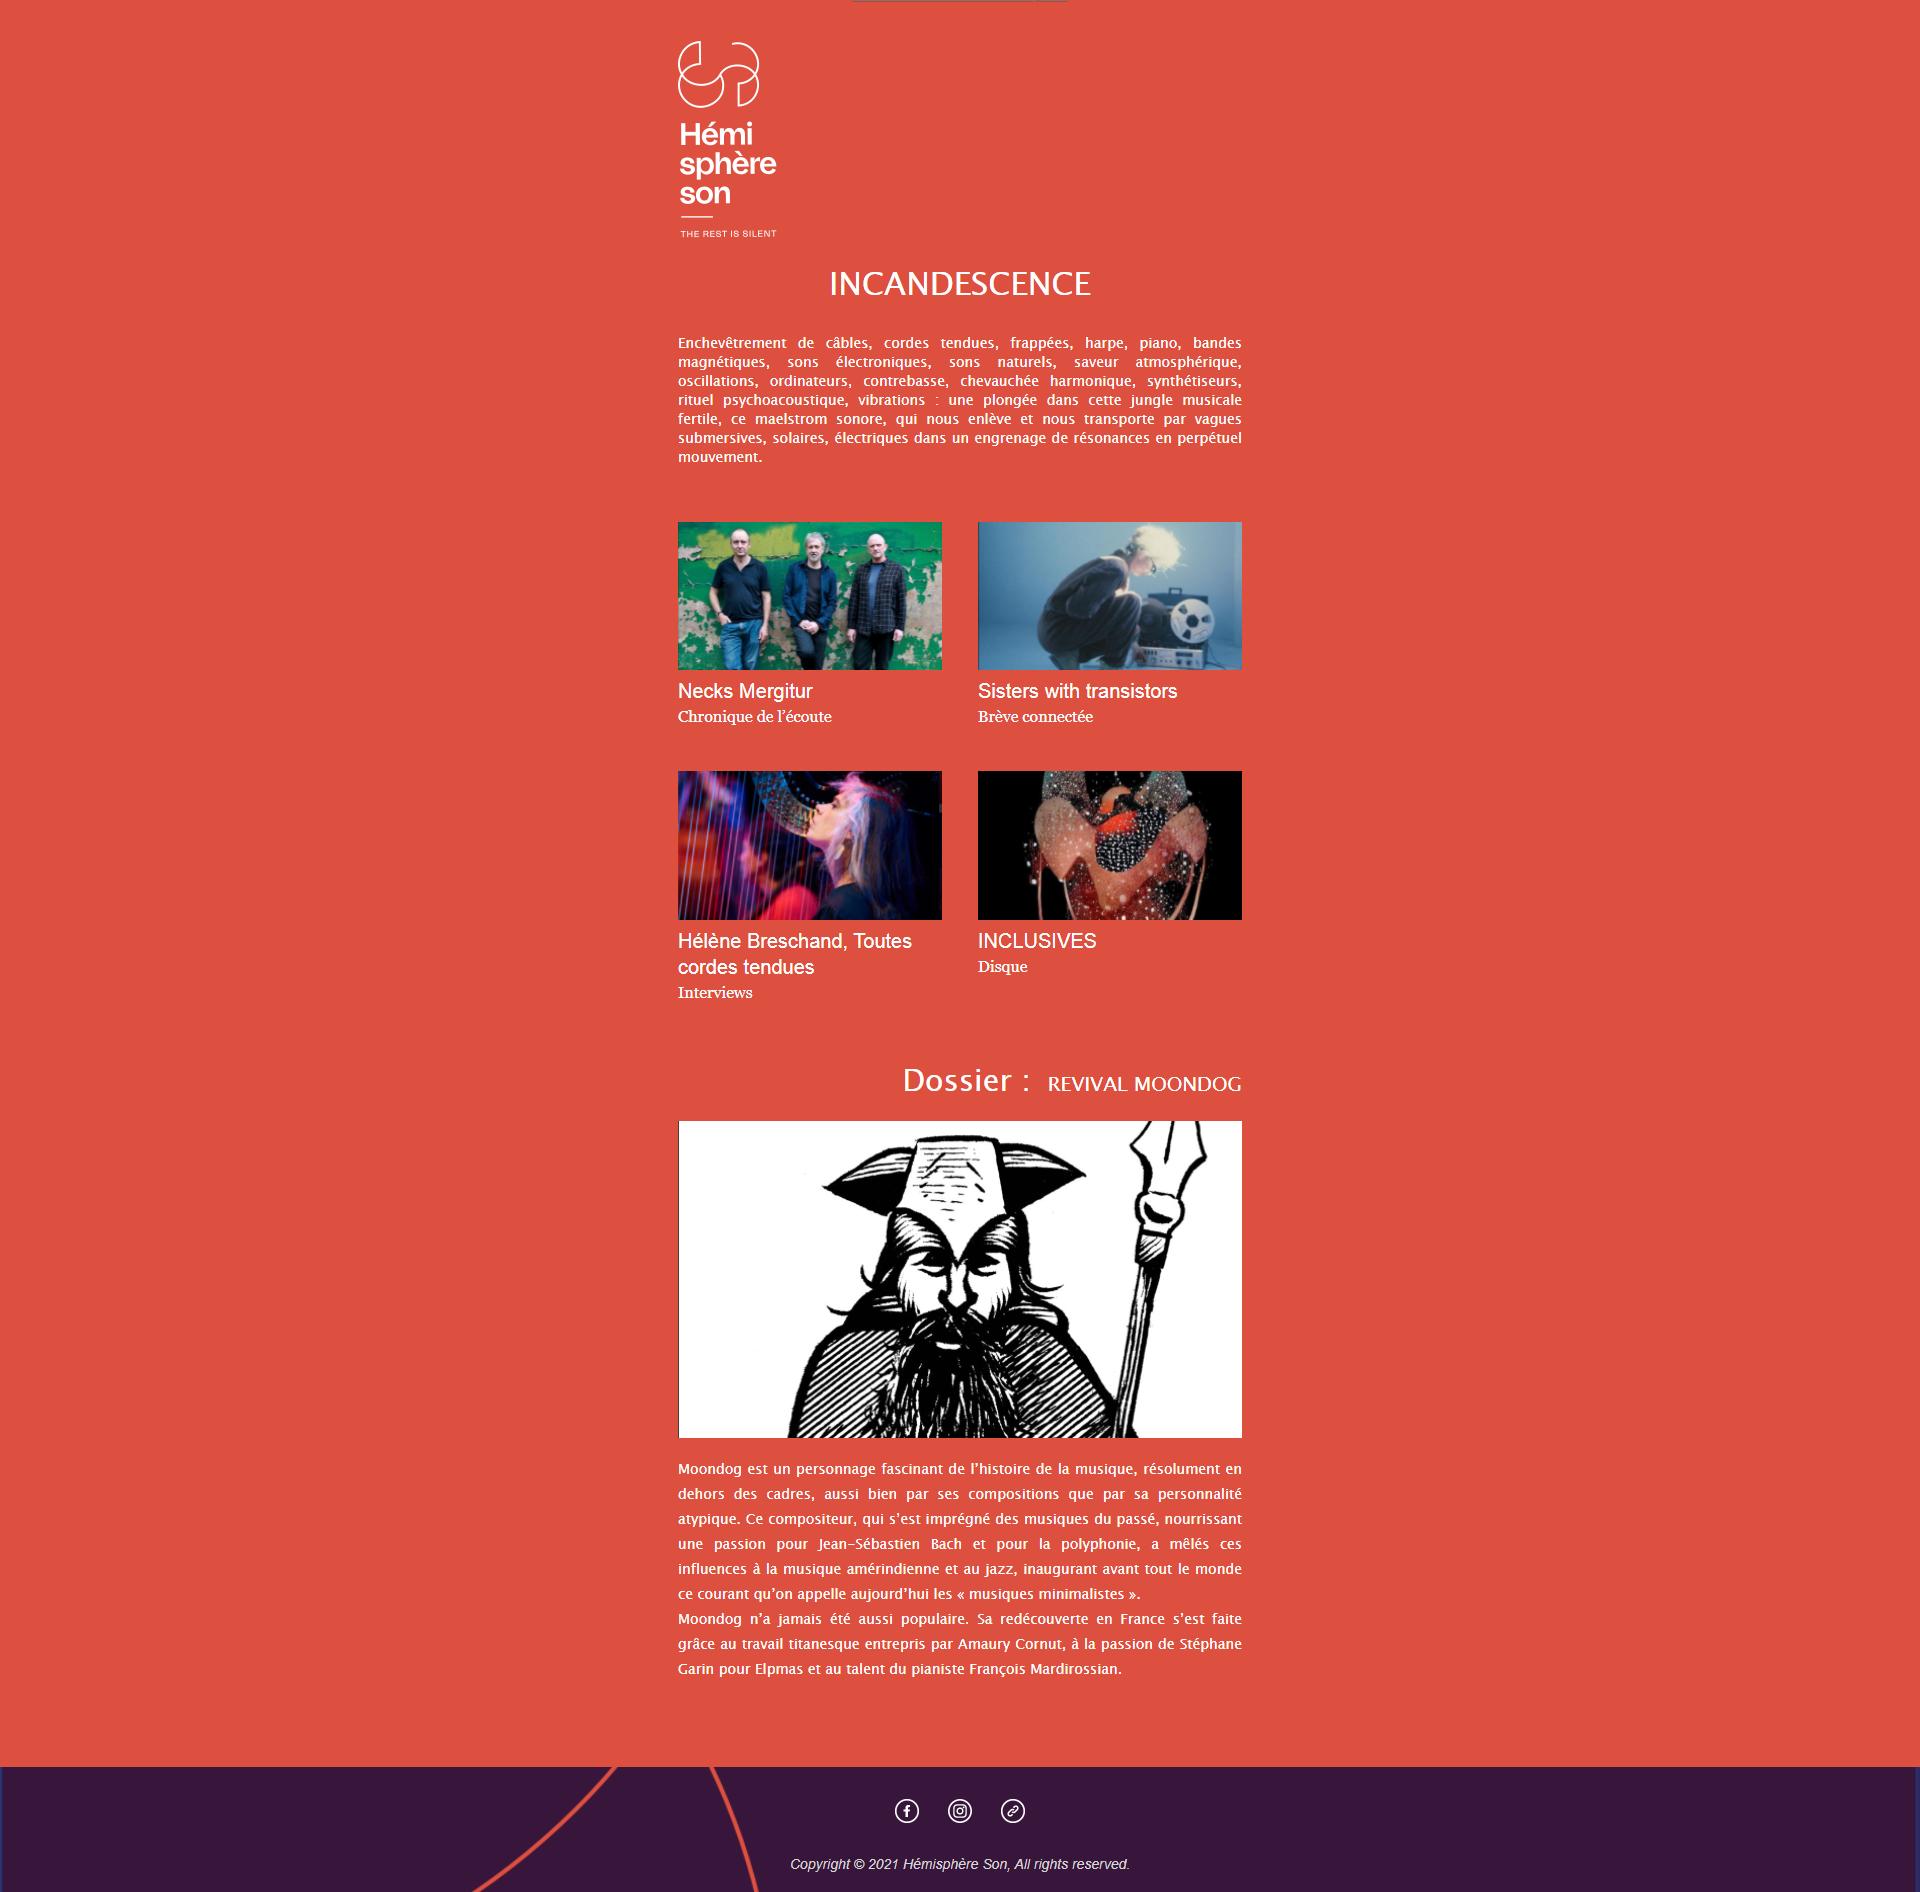 hemisphere-son-incandescence musikal - le réseau musikal - plateforme d'accompagnement du spectacle vivant par le numérique Hémisphère Son plateforme d'accompagnement du spectacle vivant par le numérique hemisphere son incandescence